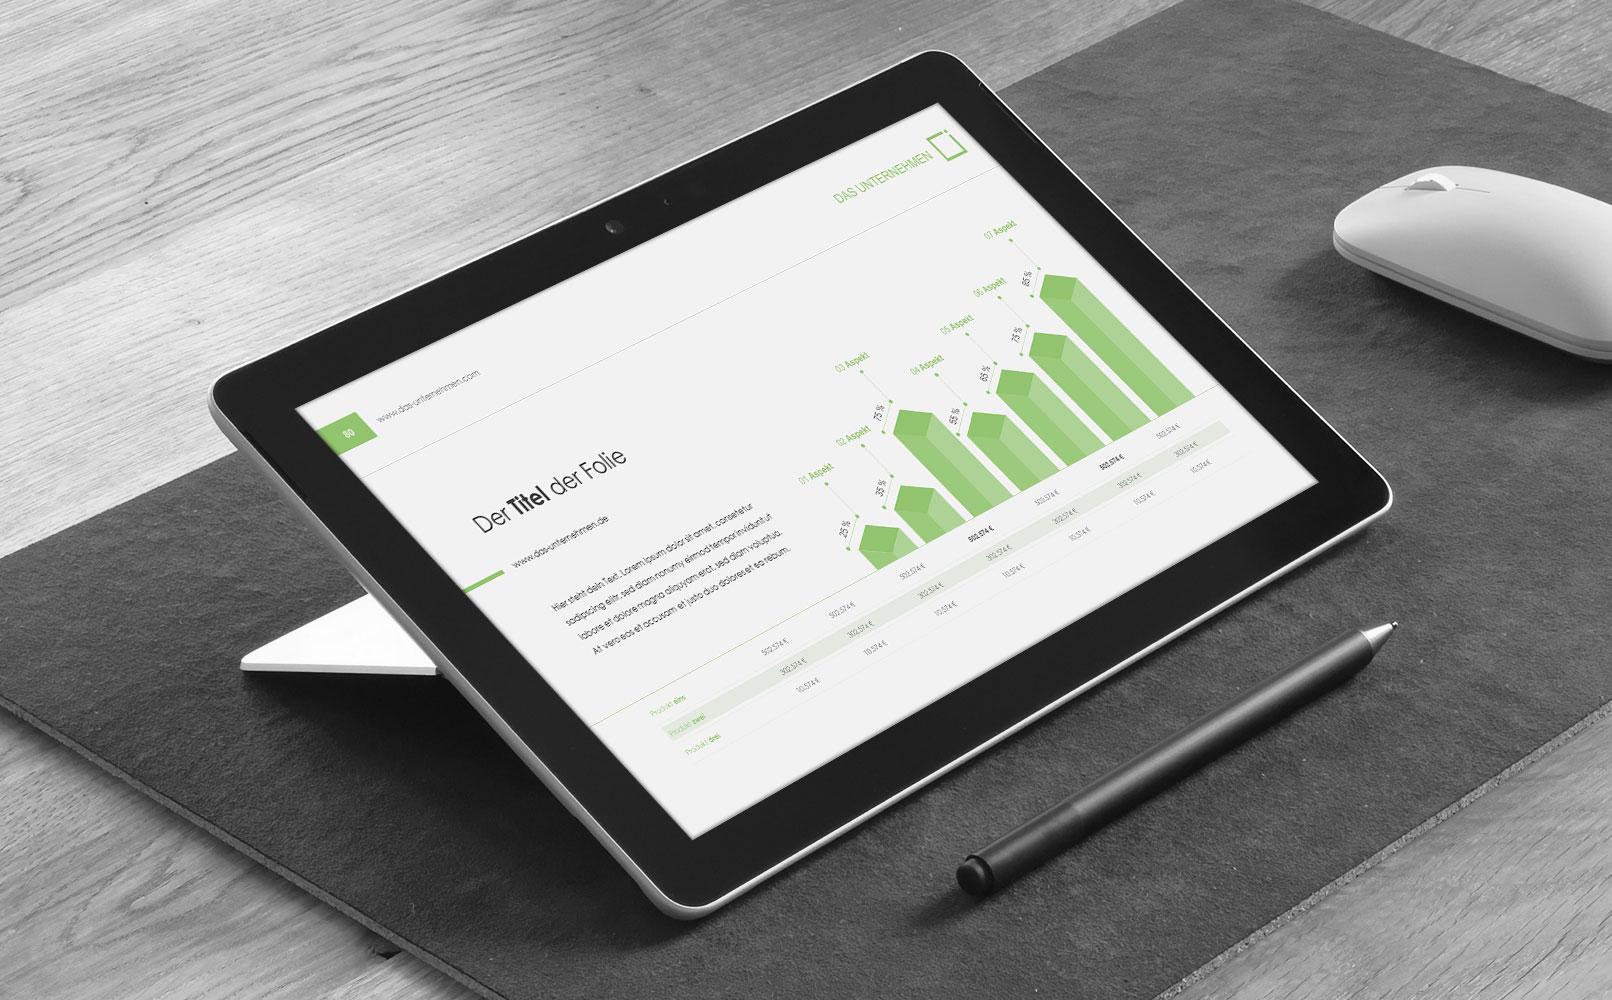 Microsoft PowerPoint-Vorlagen im Square-Design, Beispielfolie auf einem Tablet